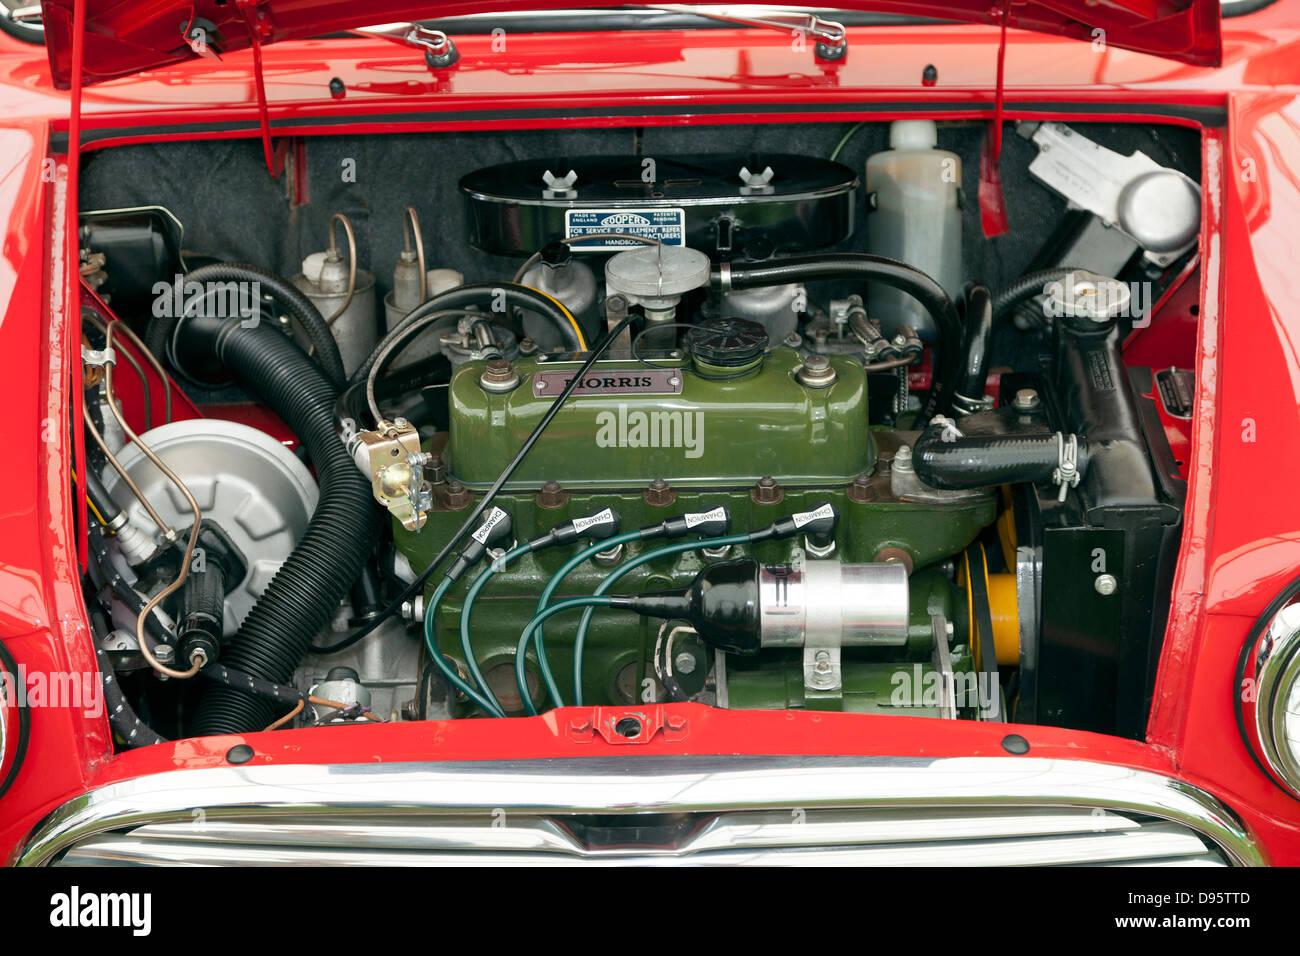 Red Austin Morris Mini auto motore sotto il cofano Immagini Stock